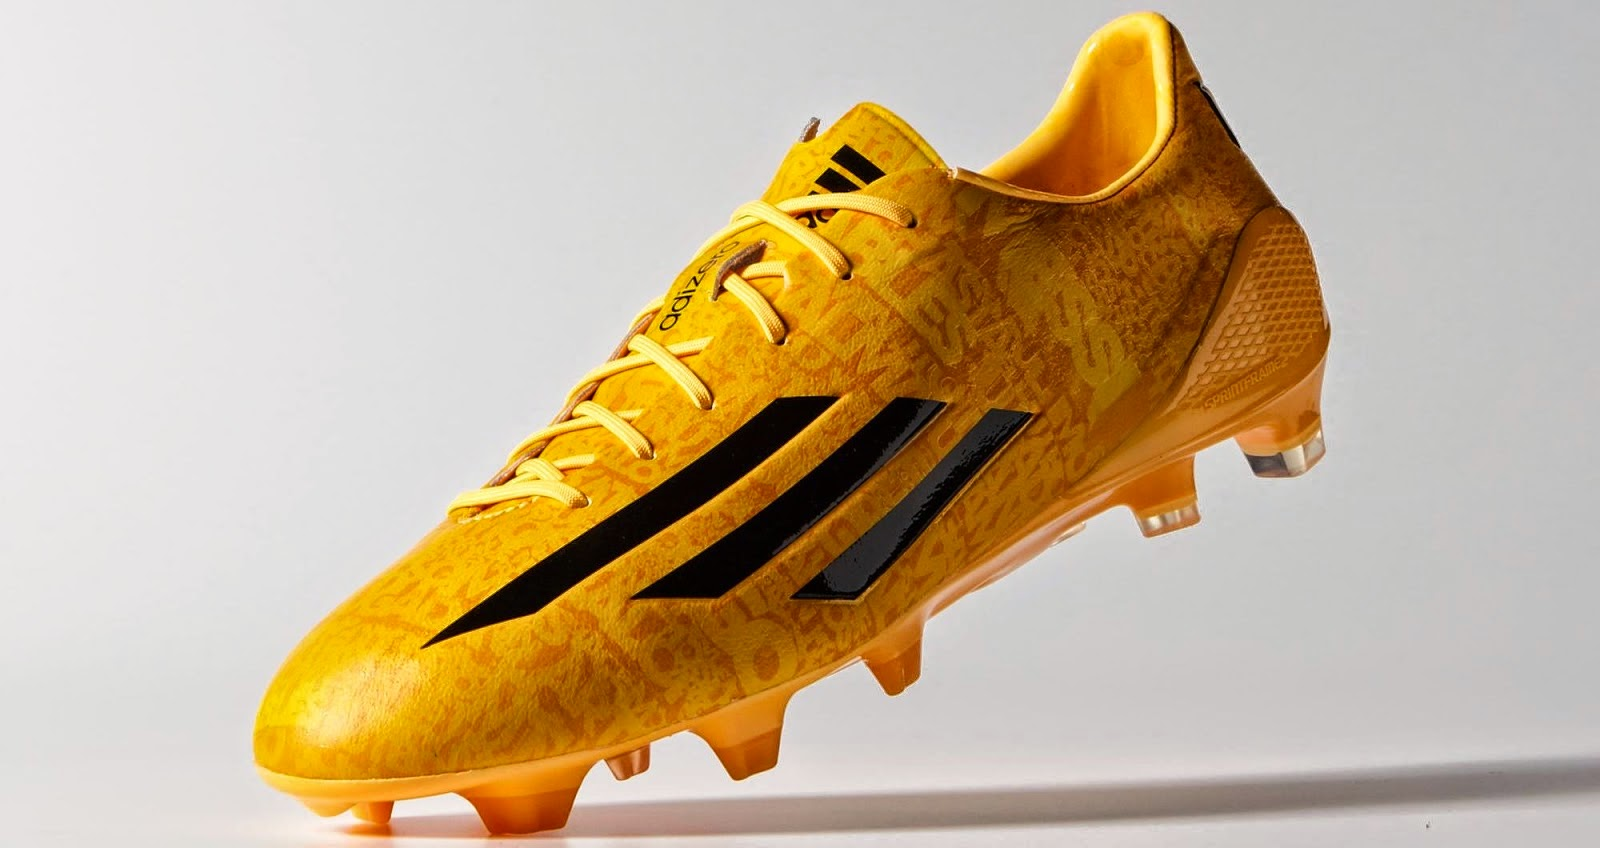 d8c522d7c18 Adidas Adizero IV Lionel Messi Gold Edition